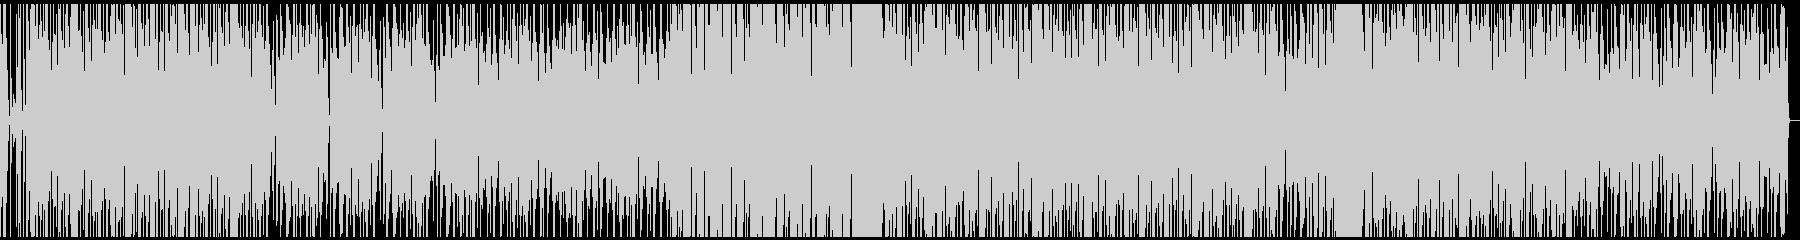 シンプルなテクノ 重圧があるリズムの未再生の波形